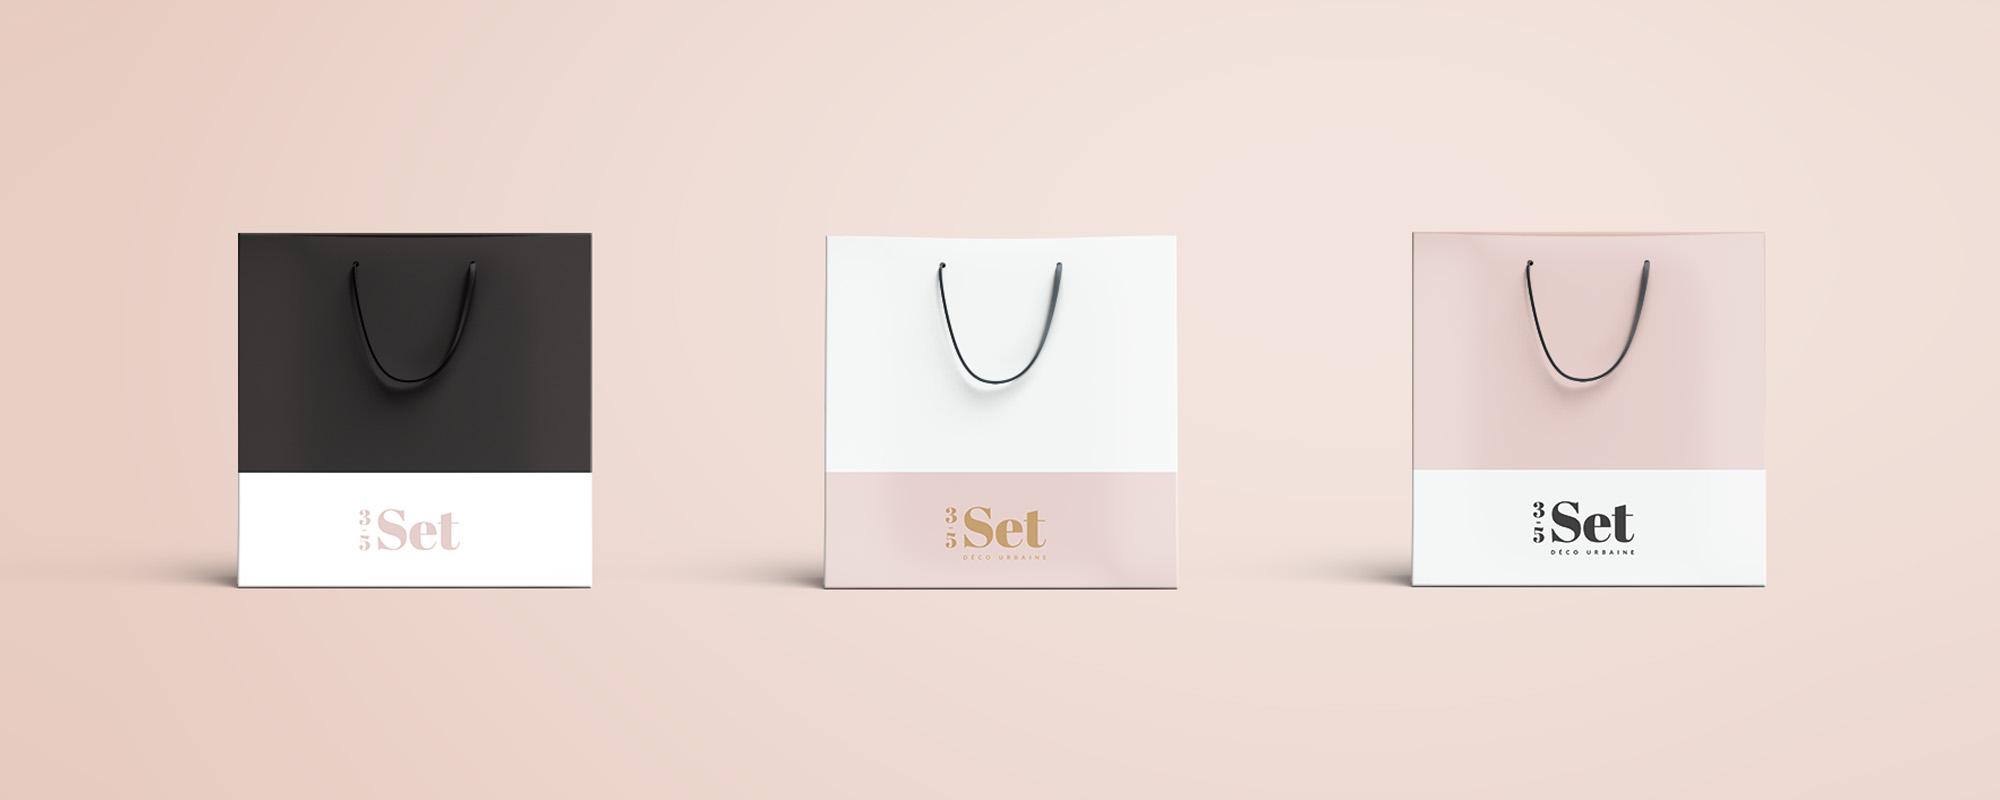 35SET-5